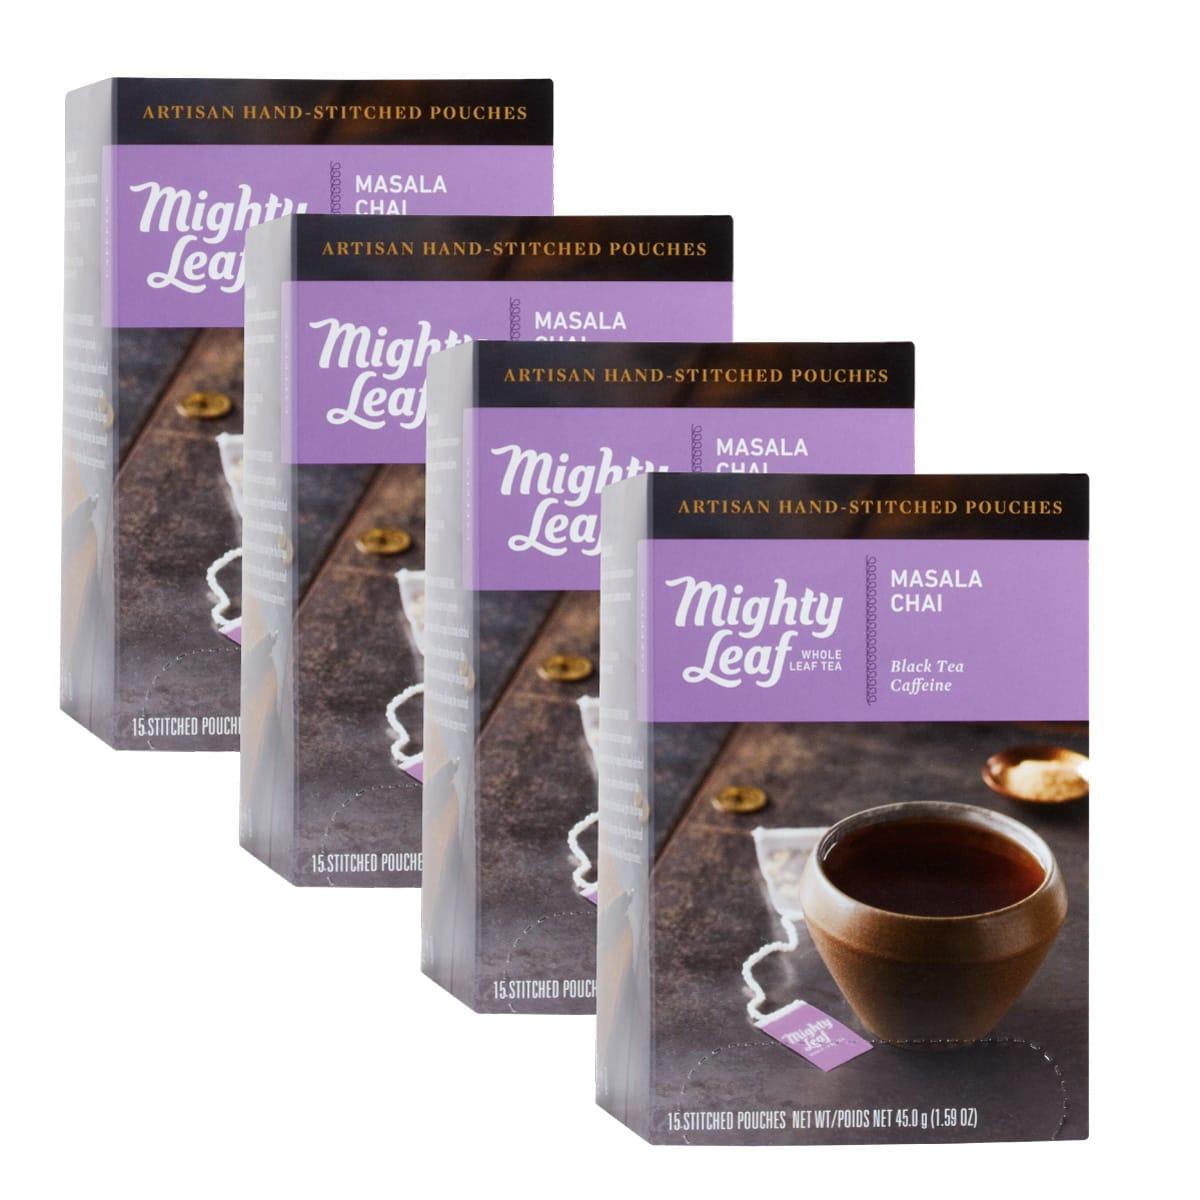 よりスパイシーなチャイに マサラチャイ4箱セット 賞味期限2022年5月13日 買い物 マイティーリーフ 紅茶 ティーバッグ メール便 ミルクティー ギフト 奉呈 フレーバーティー チャイ